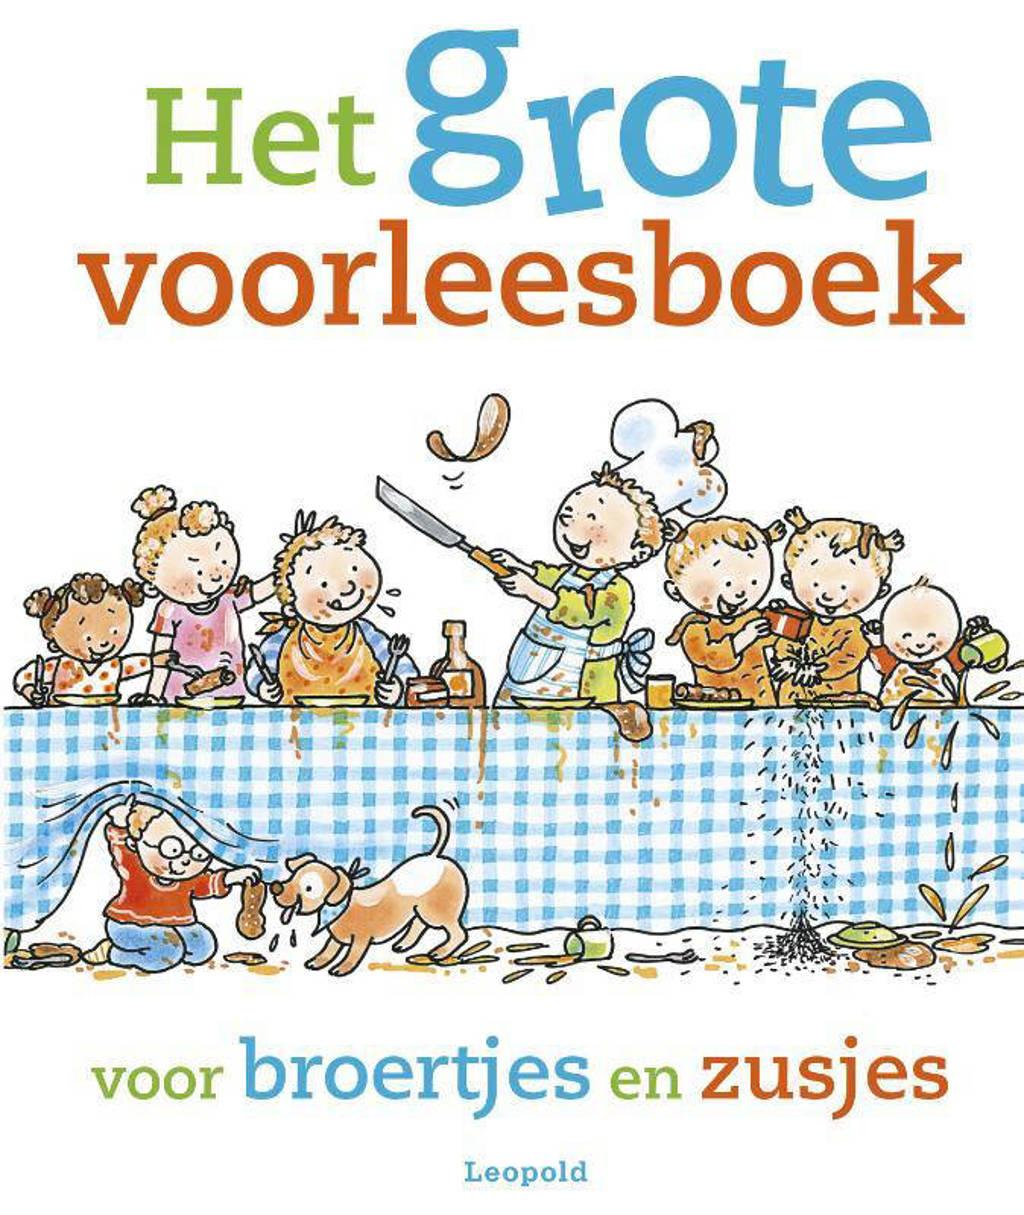 Het grote voorleesboek voor broertjes en zusjes